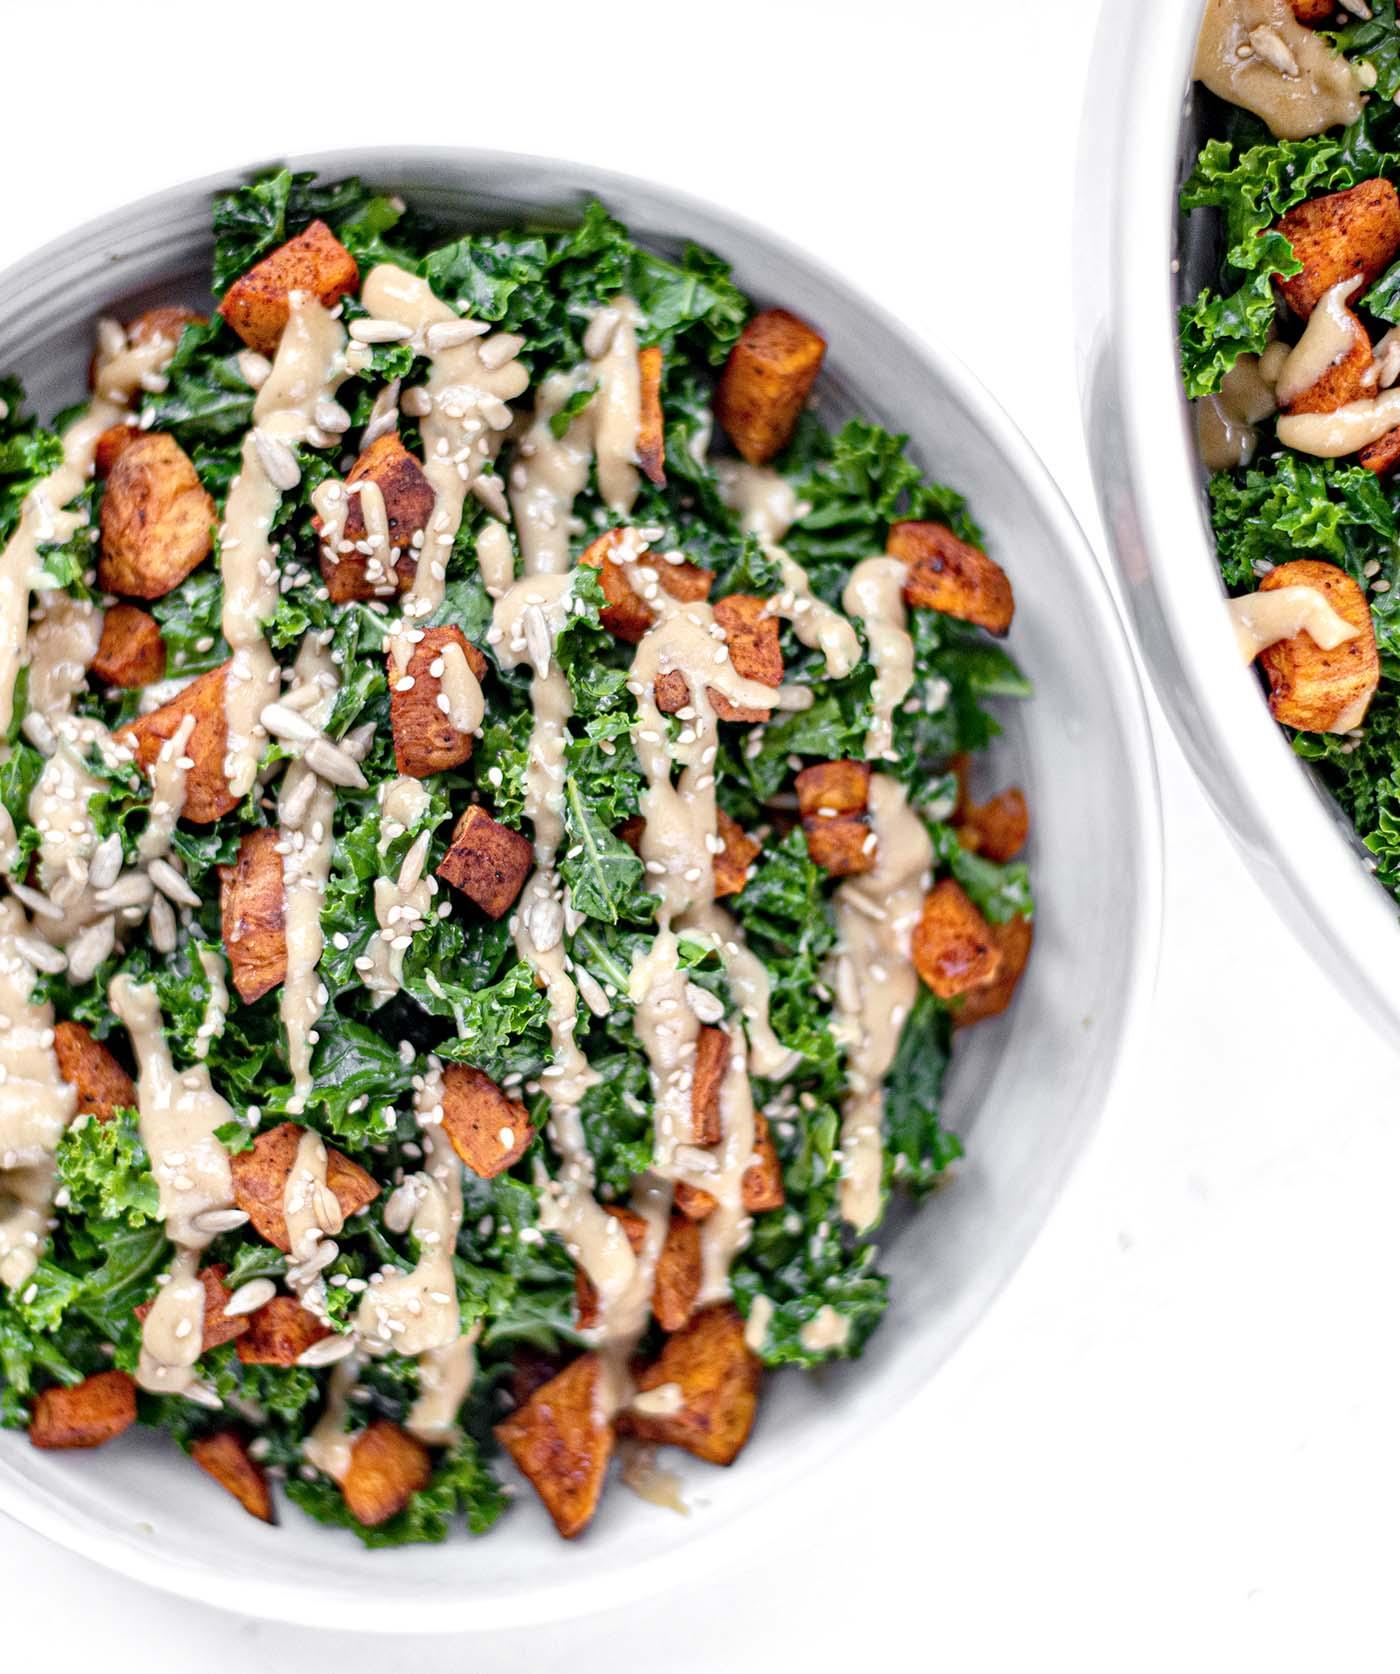 kalesweetpot.salad .wiw .7